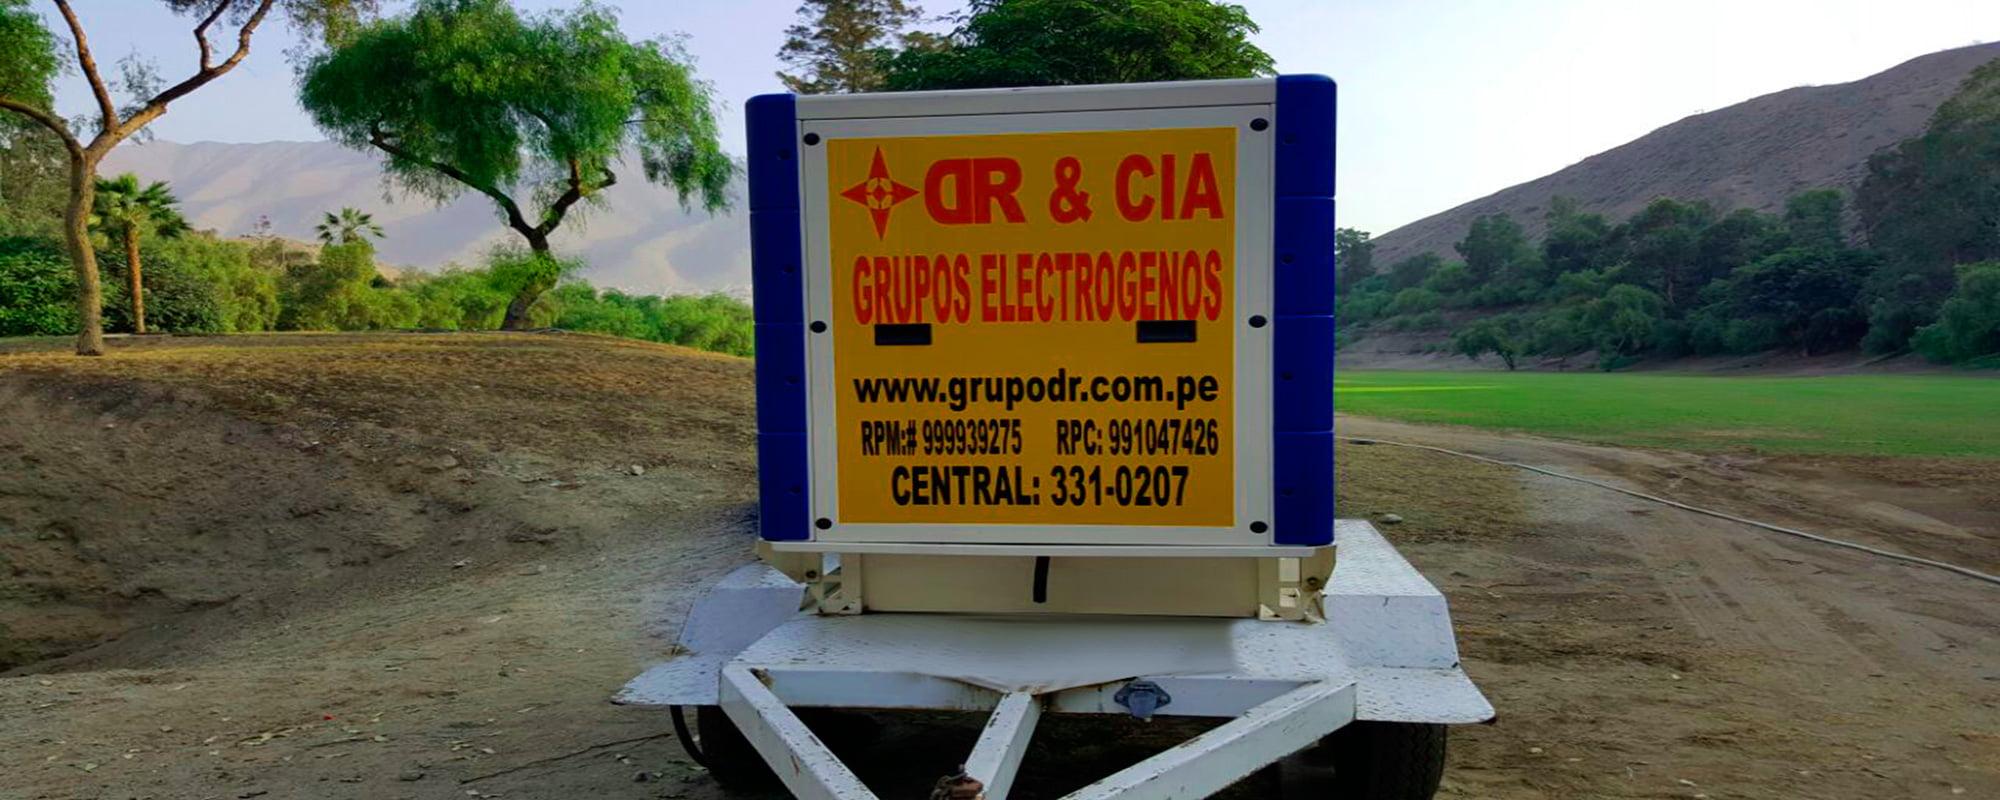 En este momento estás viendo Atención de Personal Calificado con Grupos Electrógenos